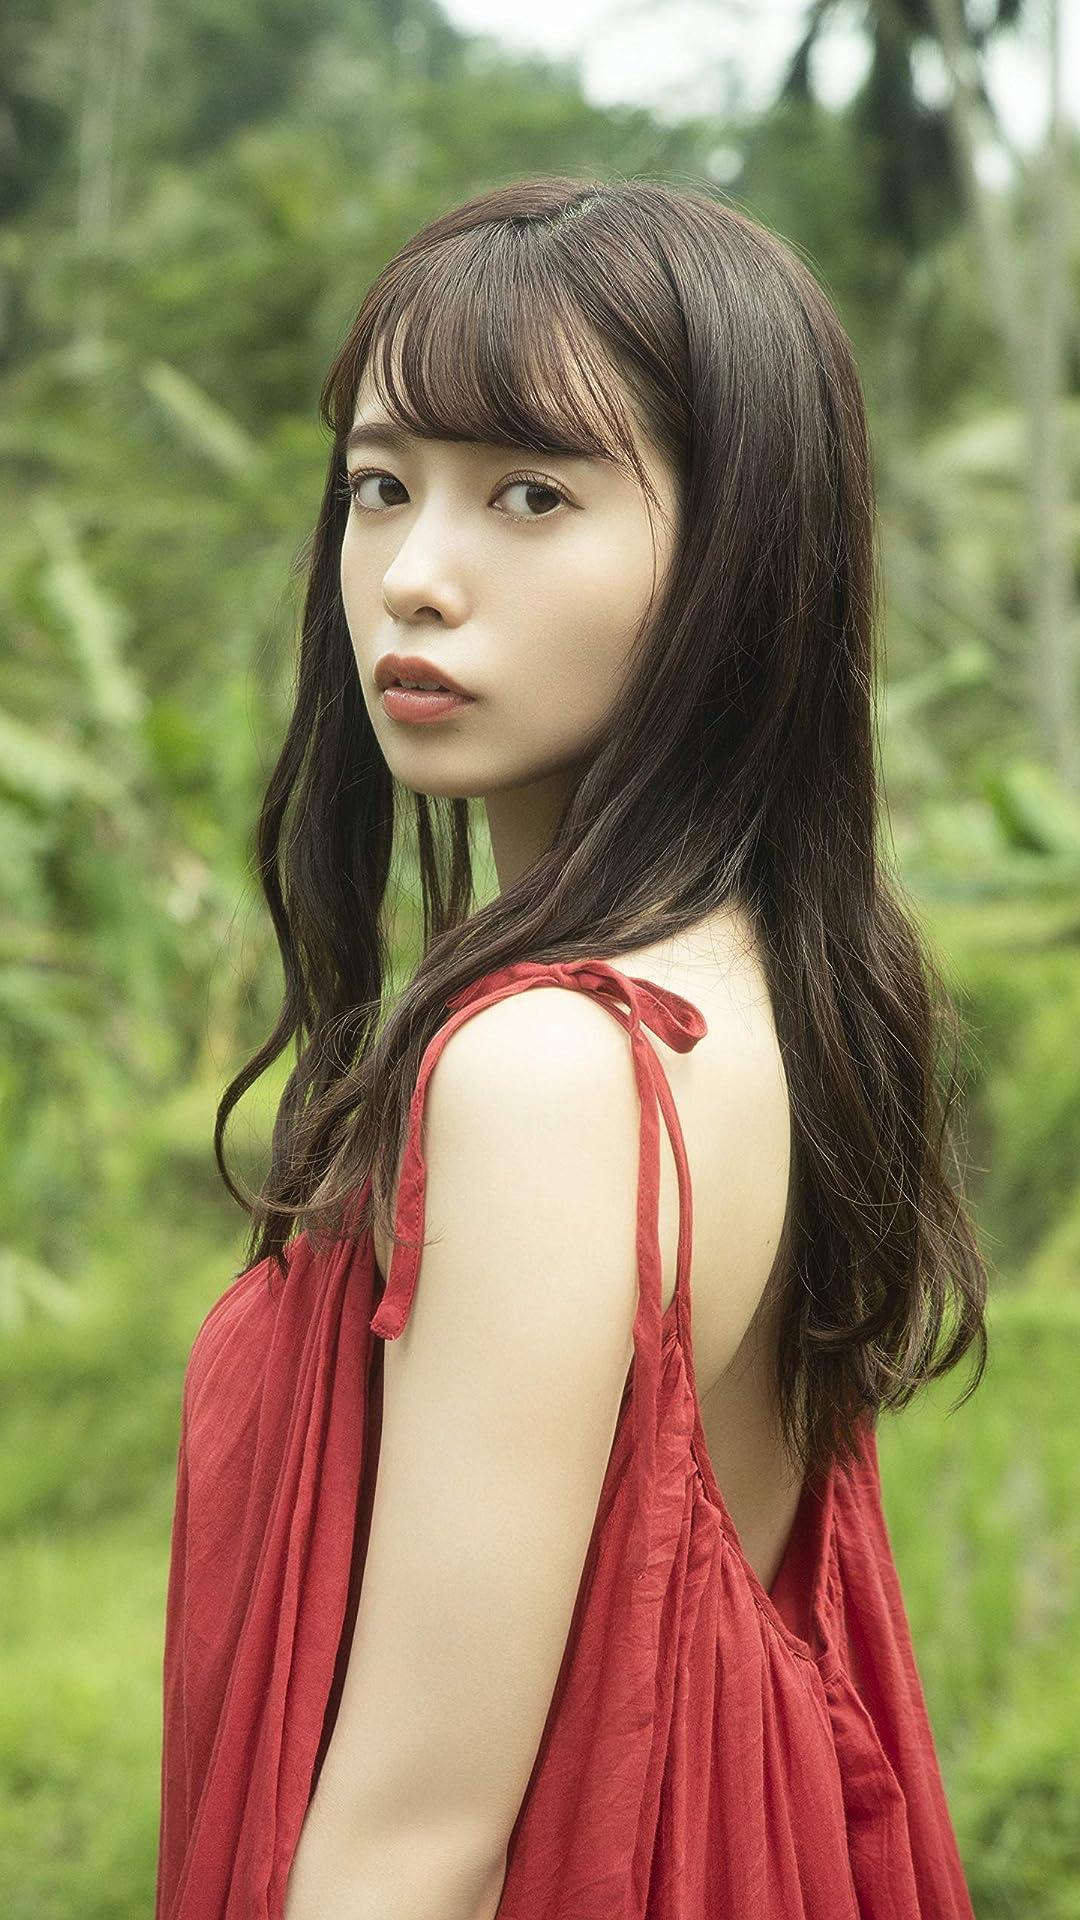 乃木坂46 フルhd 1080 1920 スマホ壁紙 待受 斉藤優里 女性タレント